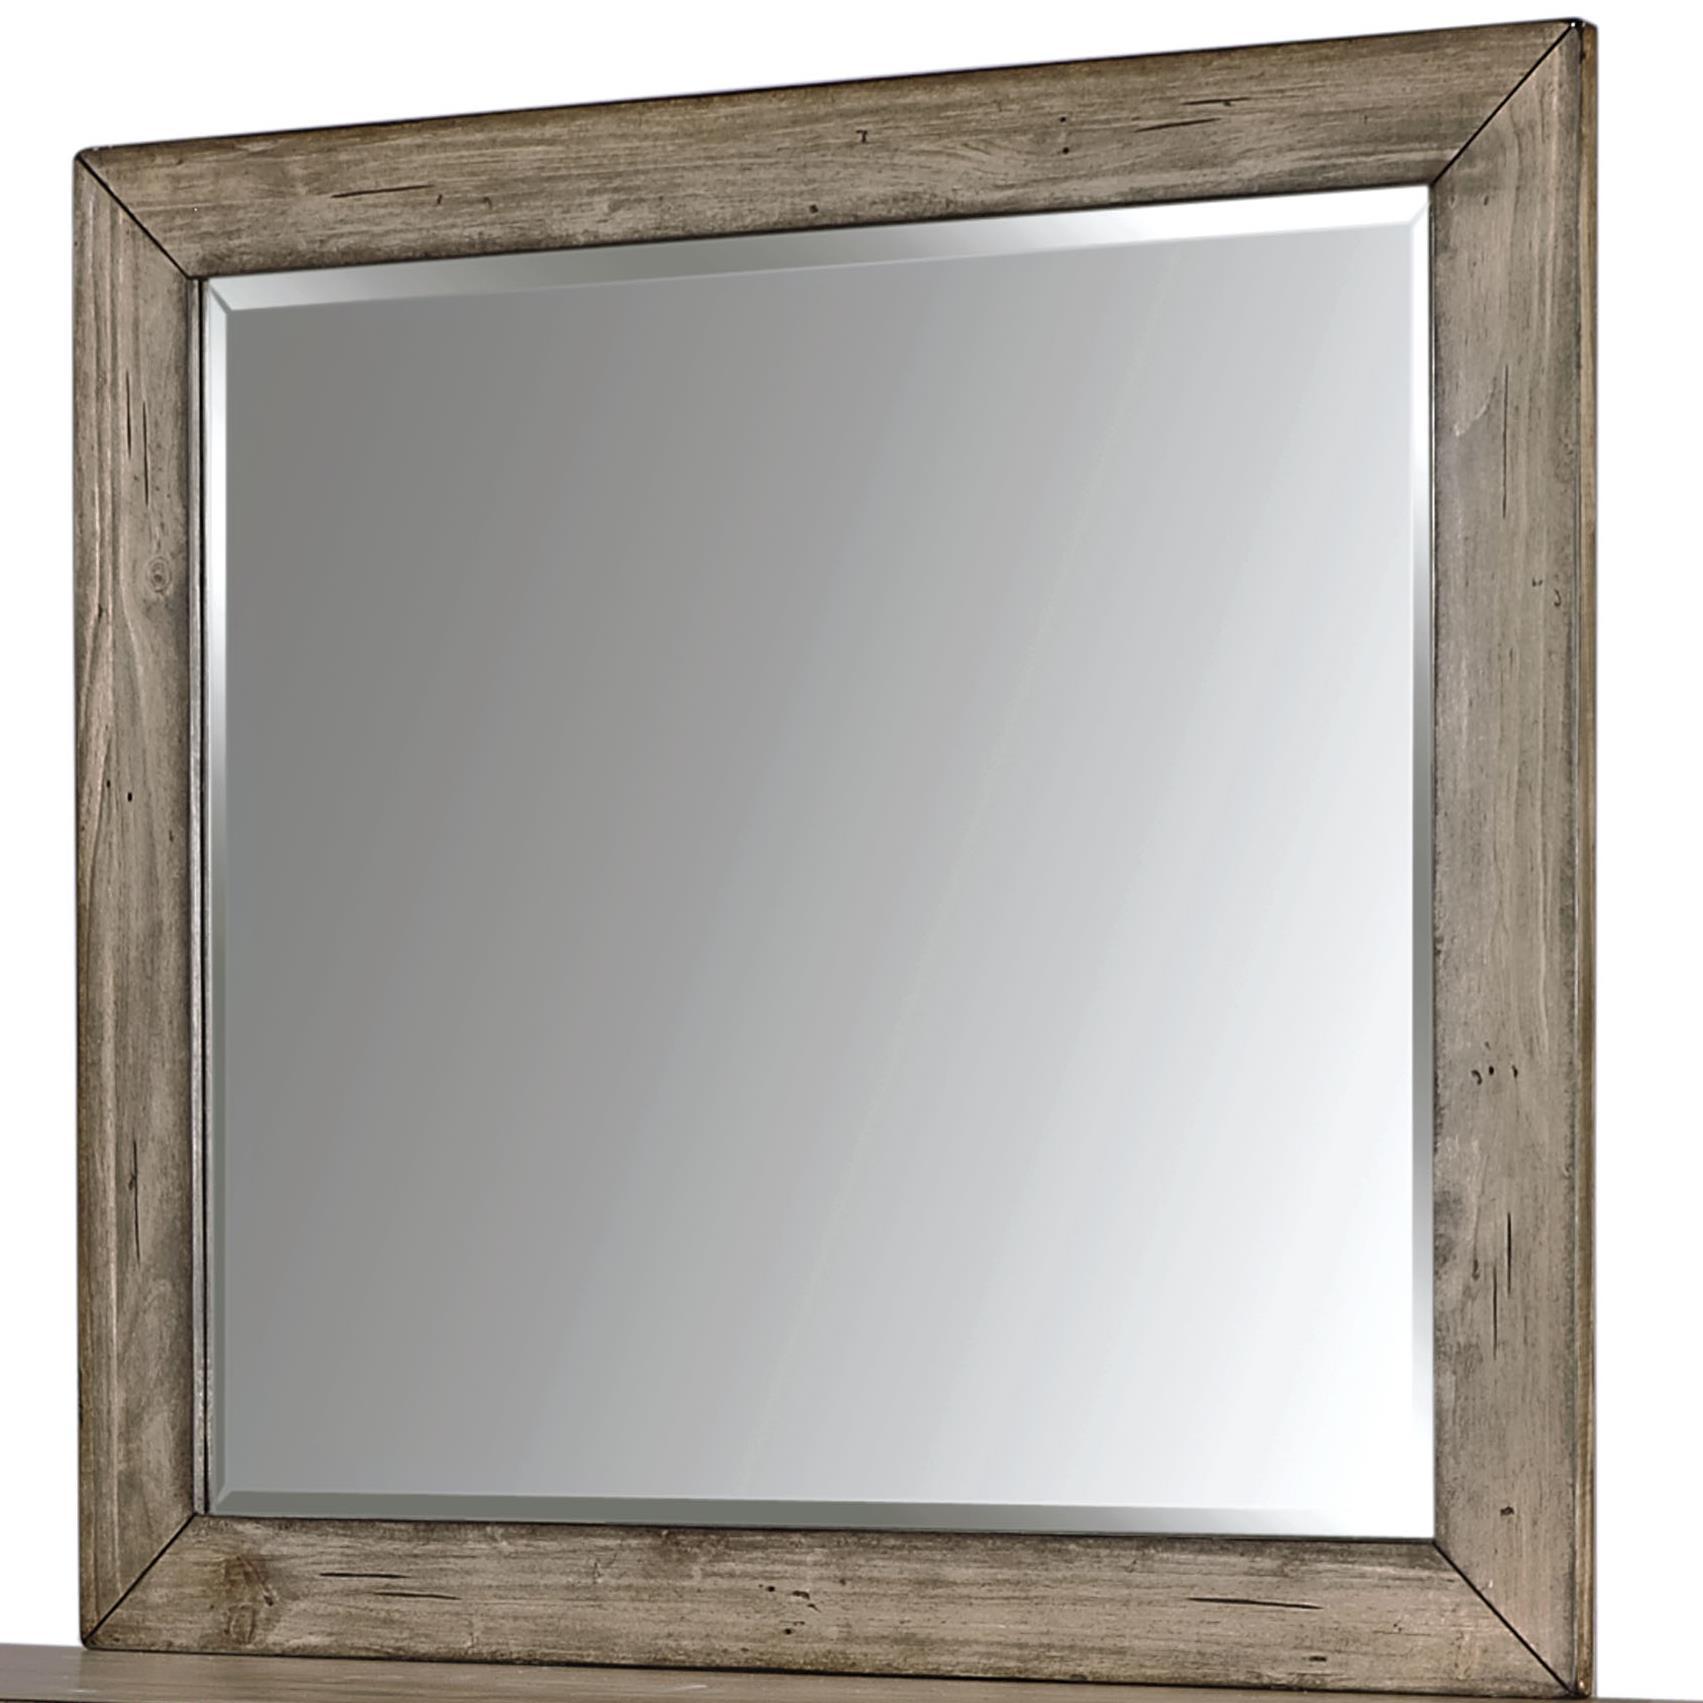 Aspenhome Tildon Landscape Mirror - Item Number: I56-463